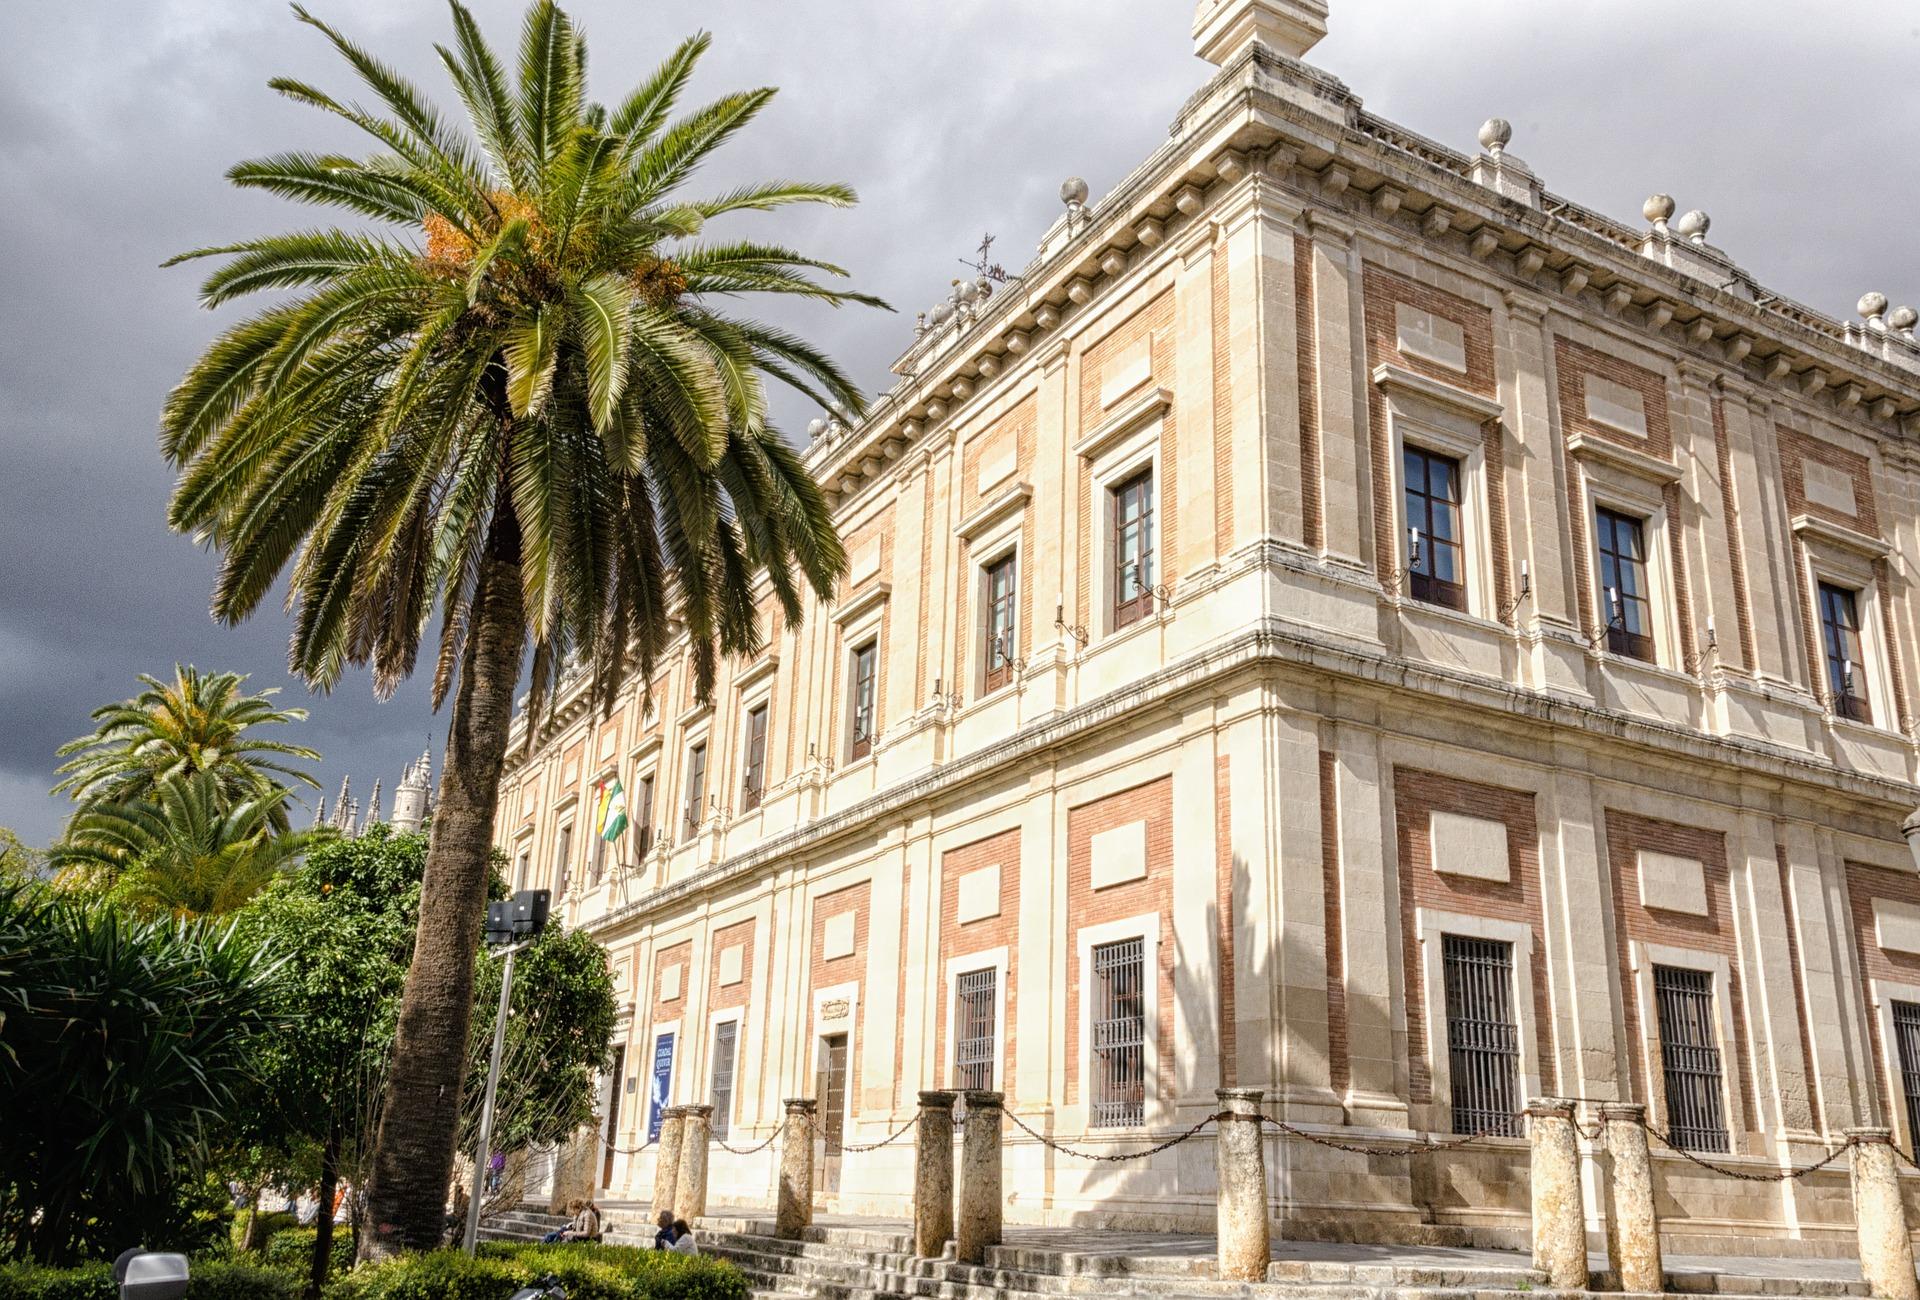 XVI. mendeko Sevillako esklaboen salerosketan euskaldunek izan zuten parte hartzea ikertu du Javier Ortiz Arzak